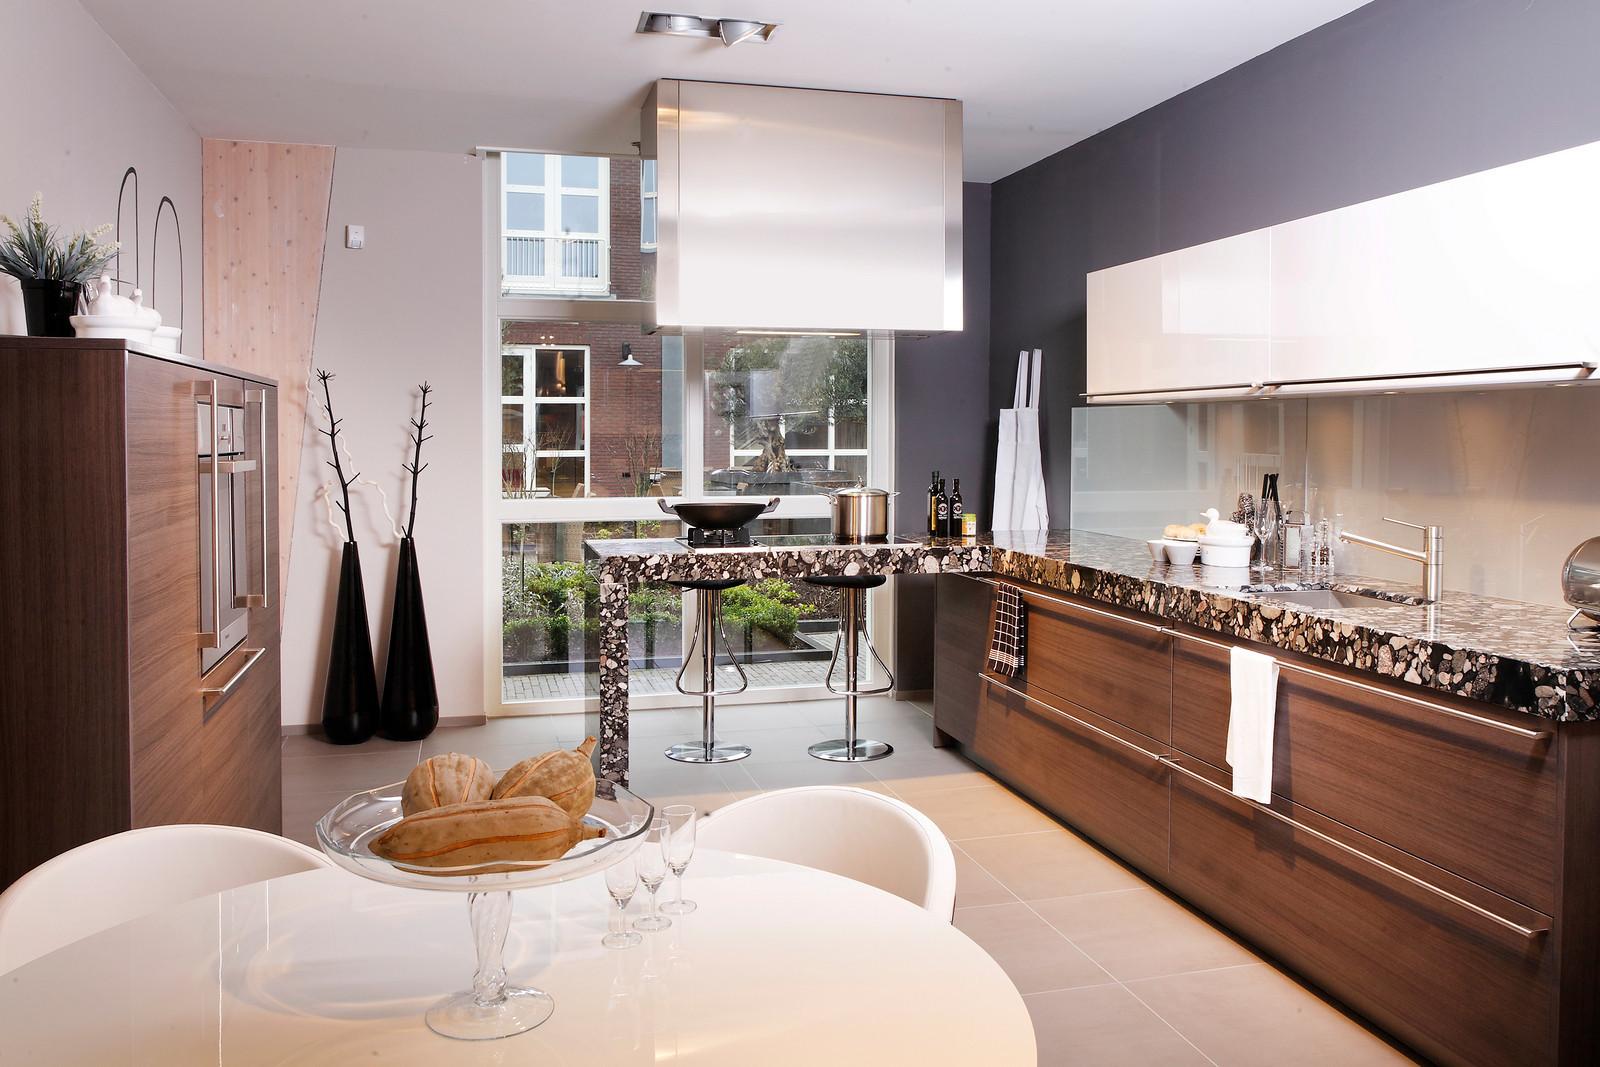 Houten keuken met granieten aanrechtblad via Arte